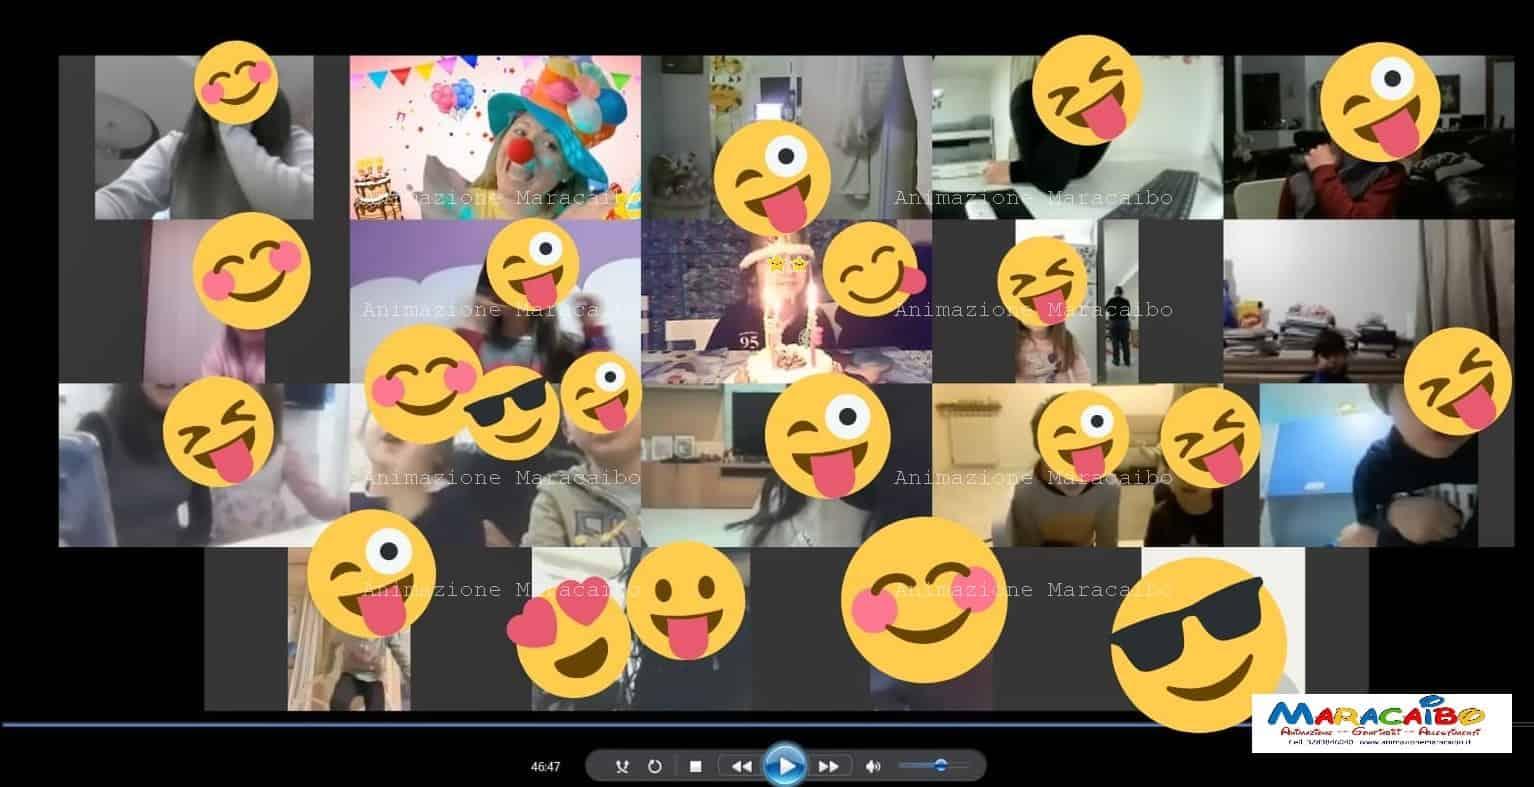 Carnevale online dei bambini e adolescenti festa virtuale in streaming insieme come festeggiare online il carnevale 2021 da casa sul web